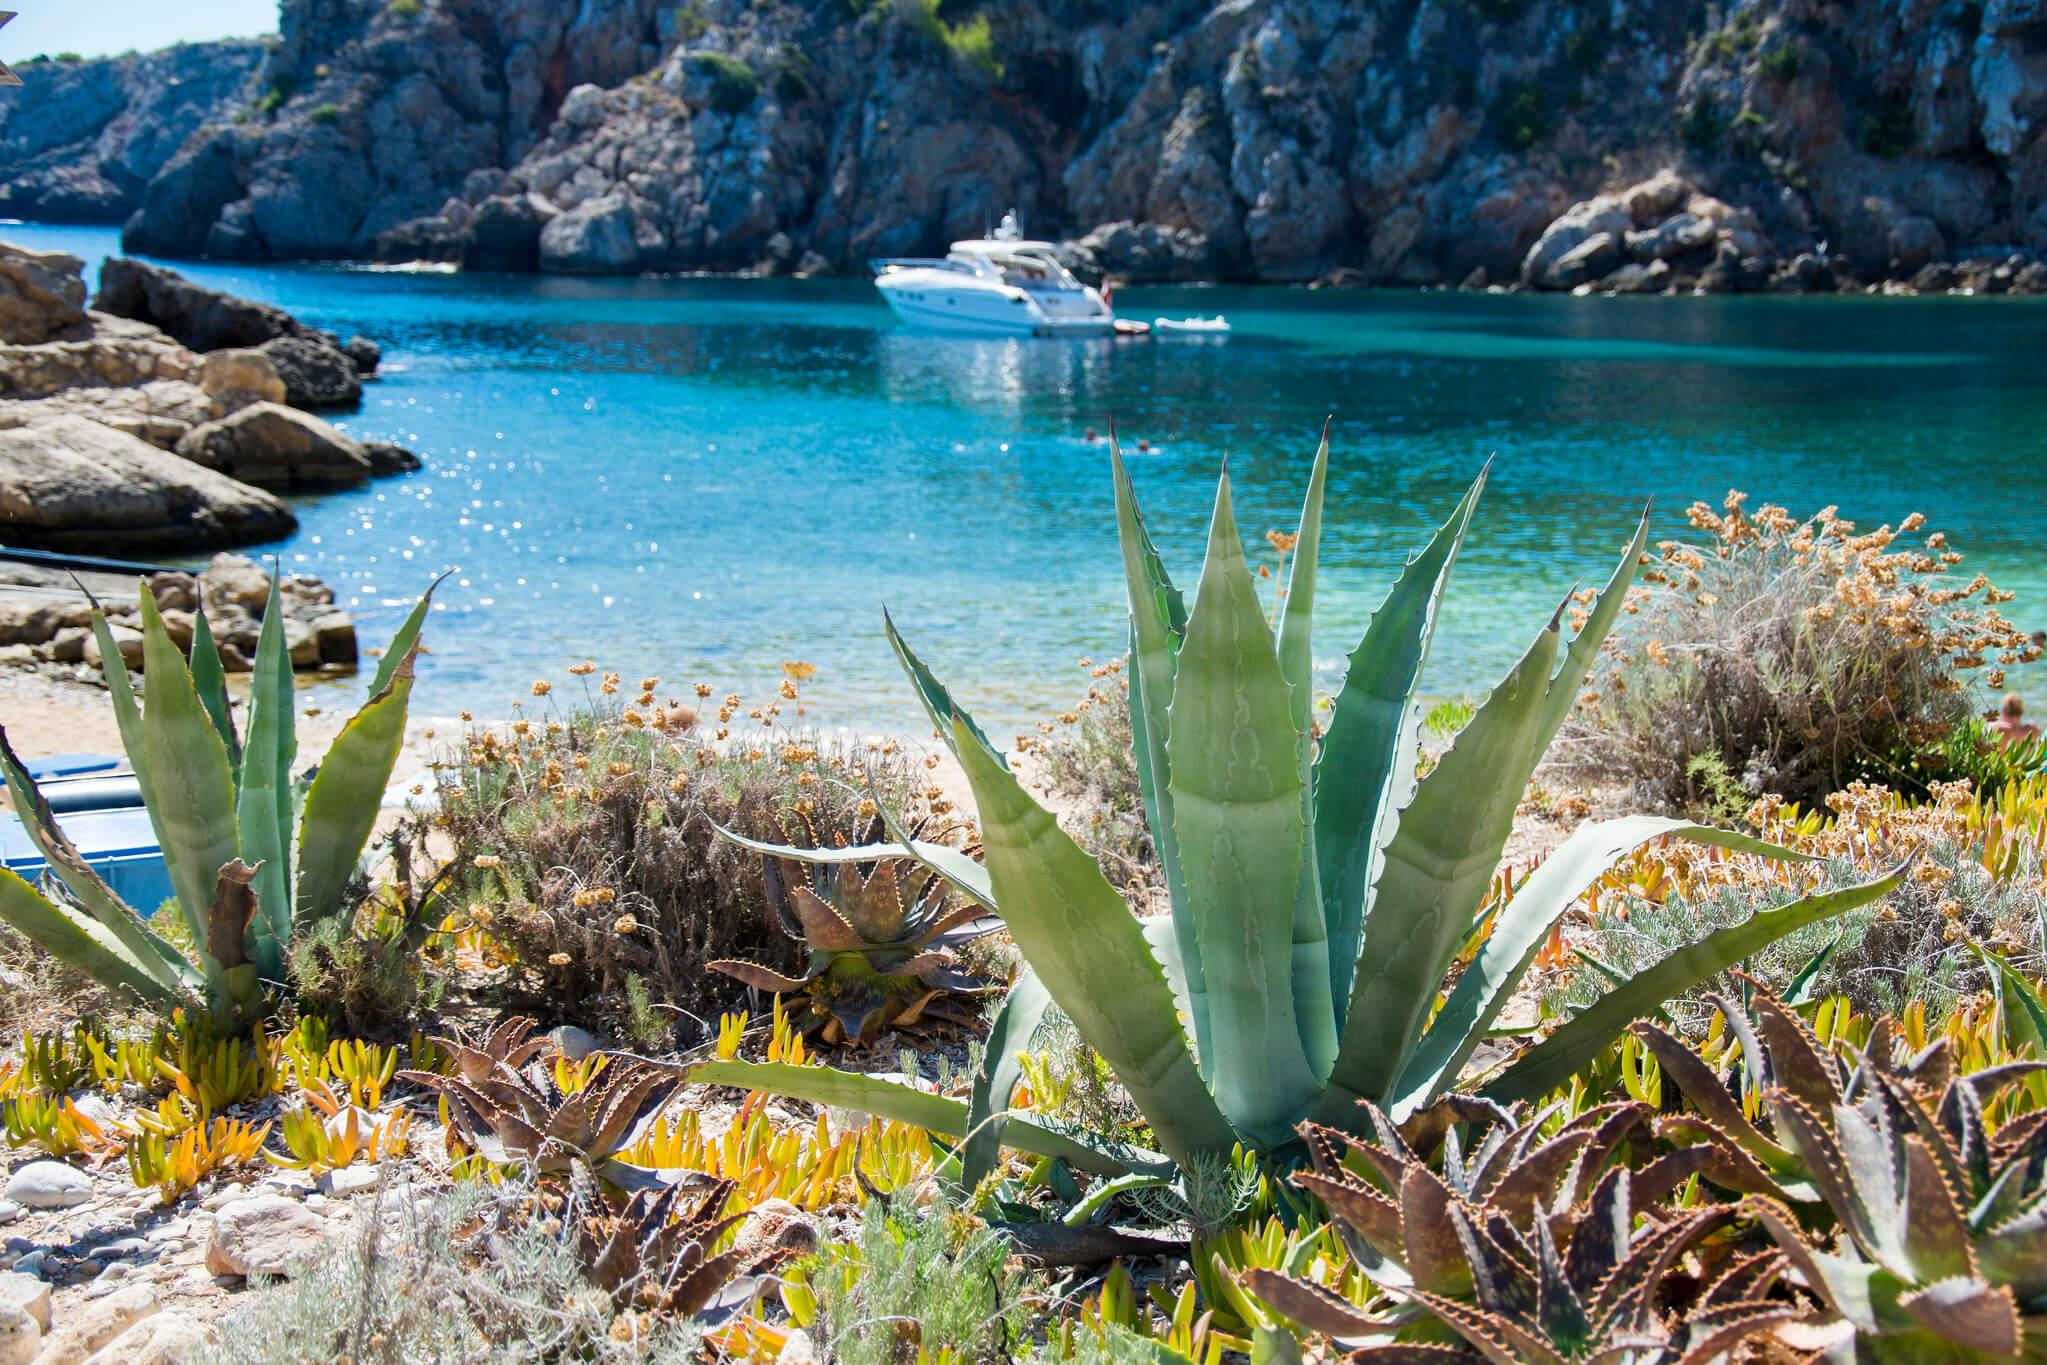 https://www.white-ibiza.com/wp-content/uploads/2020/03/ibiza-beaches-cala-den-serra-02.jpg